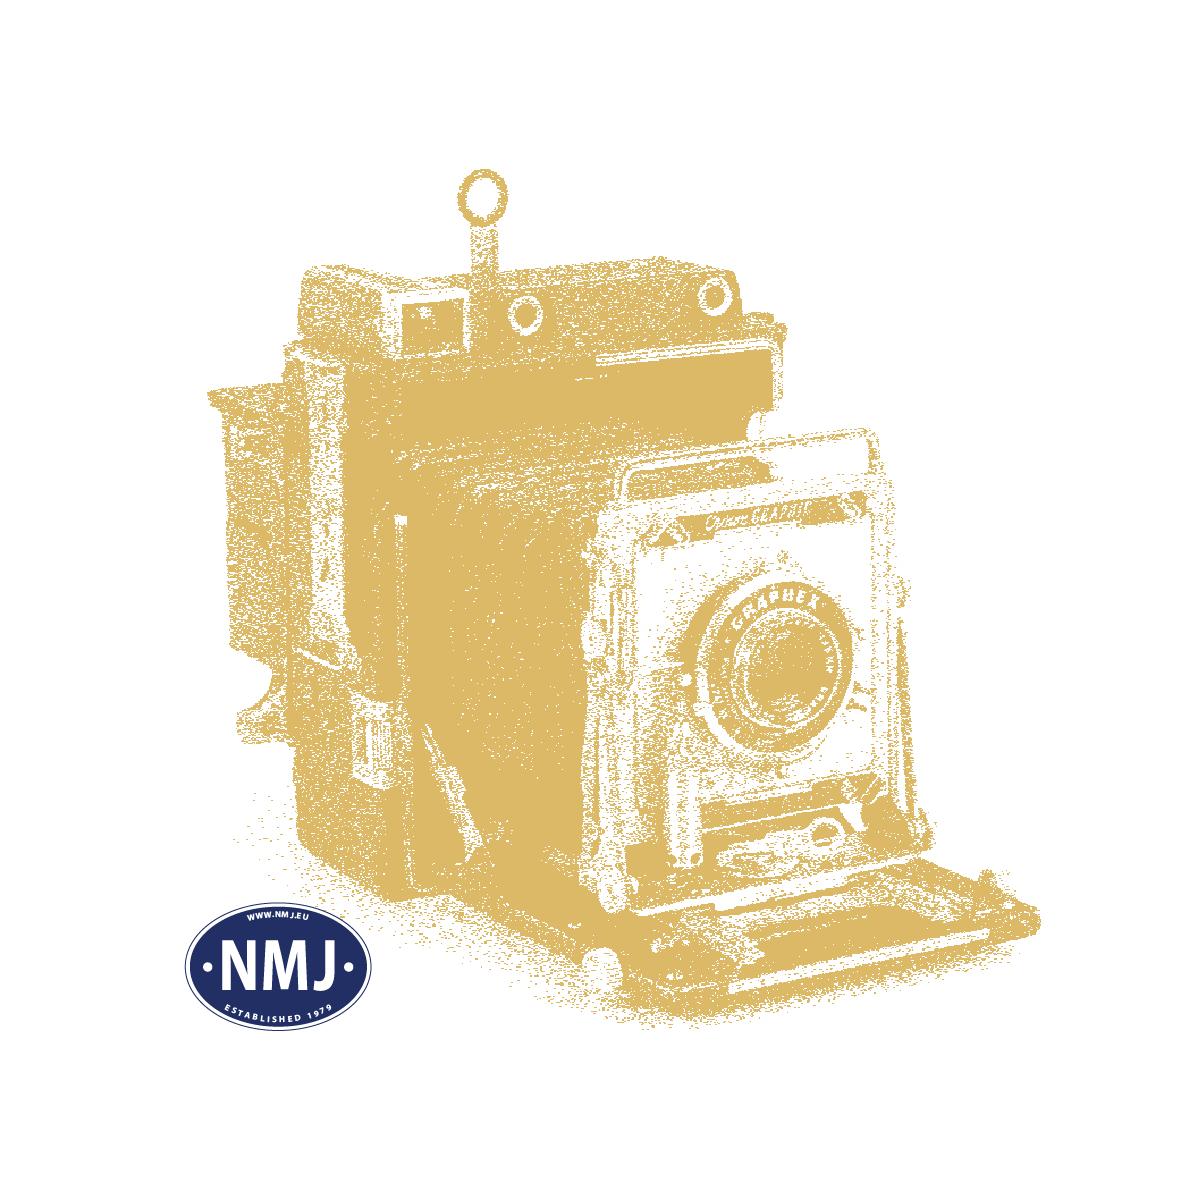 NMJT84.301 - NMJ Topline NSB BM69A.11, aktuell  Farbgebung,DC